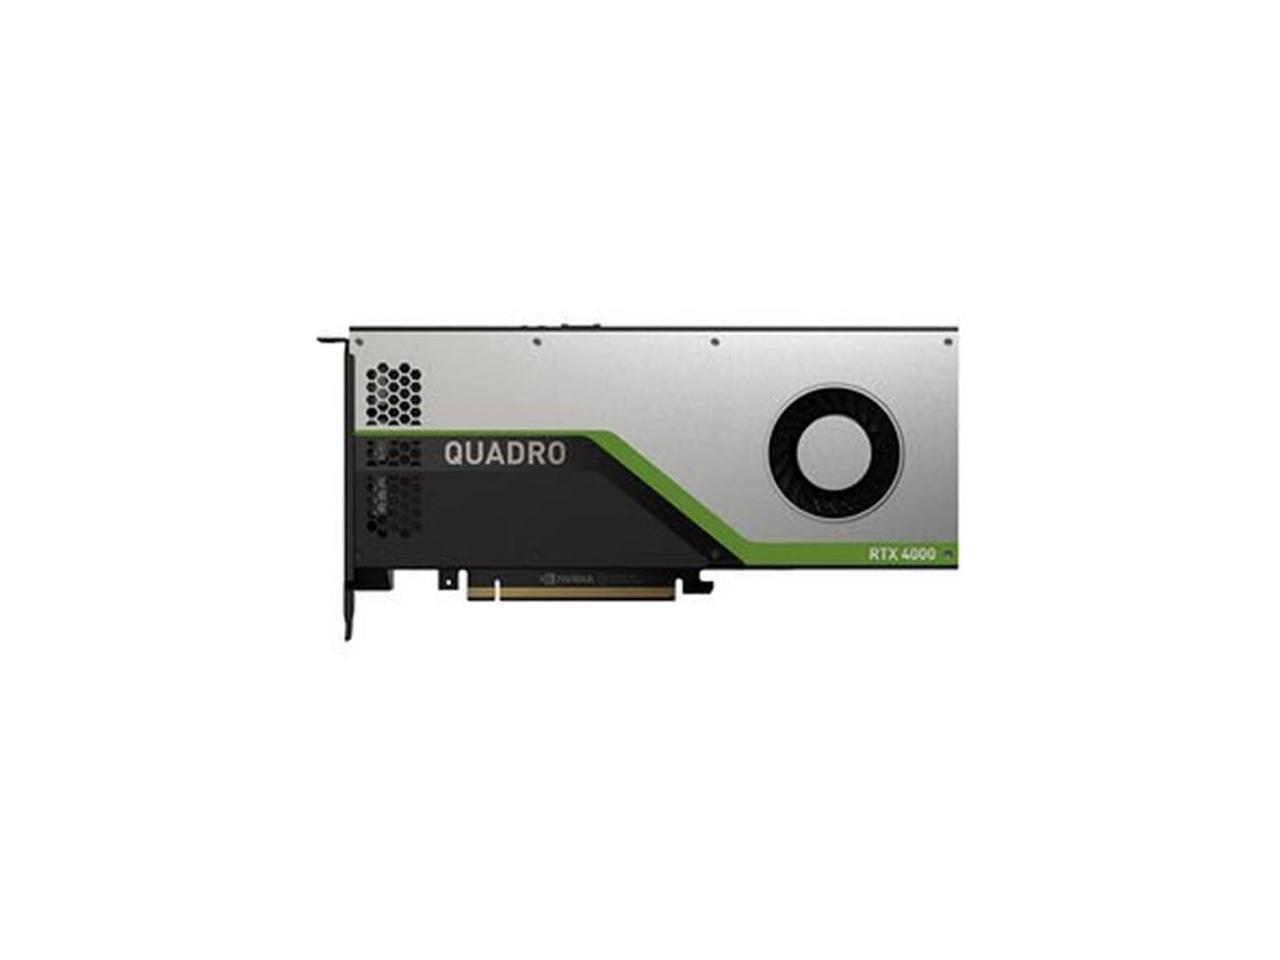 QUADRO RTX 4000 GCARD RET SCB - Newegg.com-2VV-000K-000T4, one color / one size